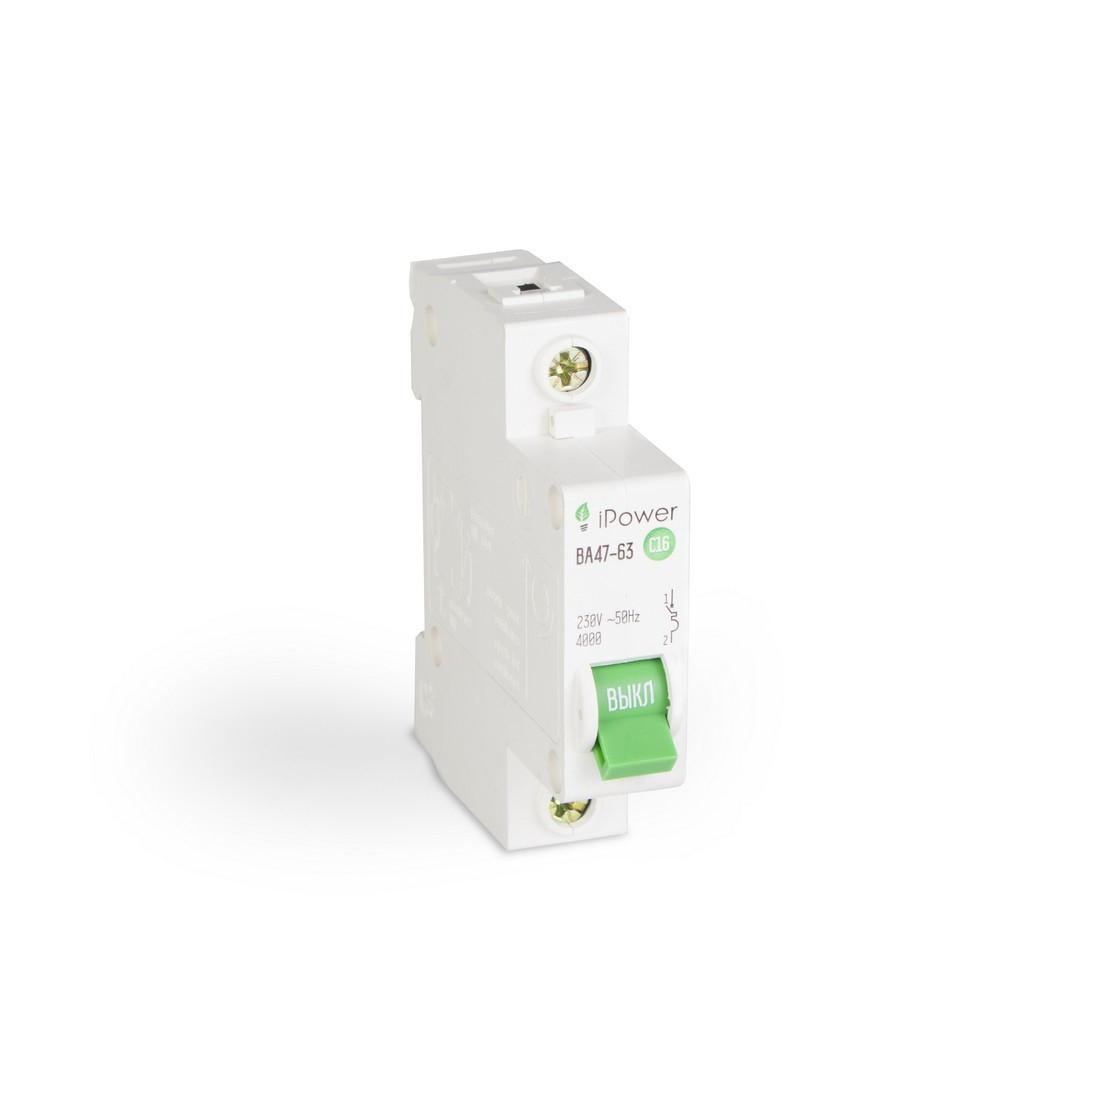 Автоматический выключатель реечный iPower ВА47-63 1P 40А, 230/400 В, Кол-во полюсов: 1, Предел отключения: 4,5